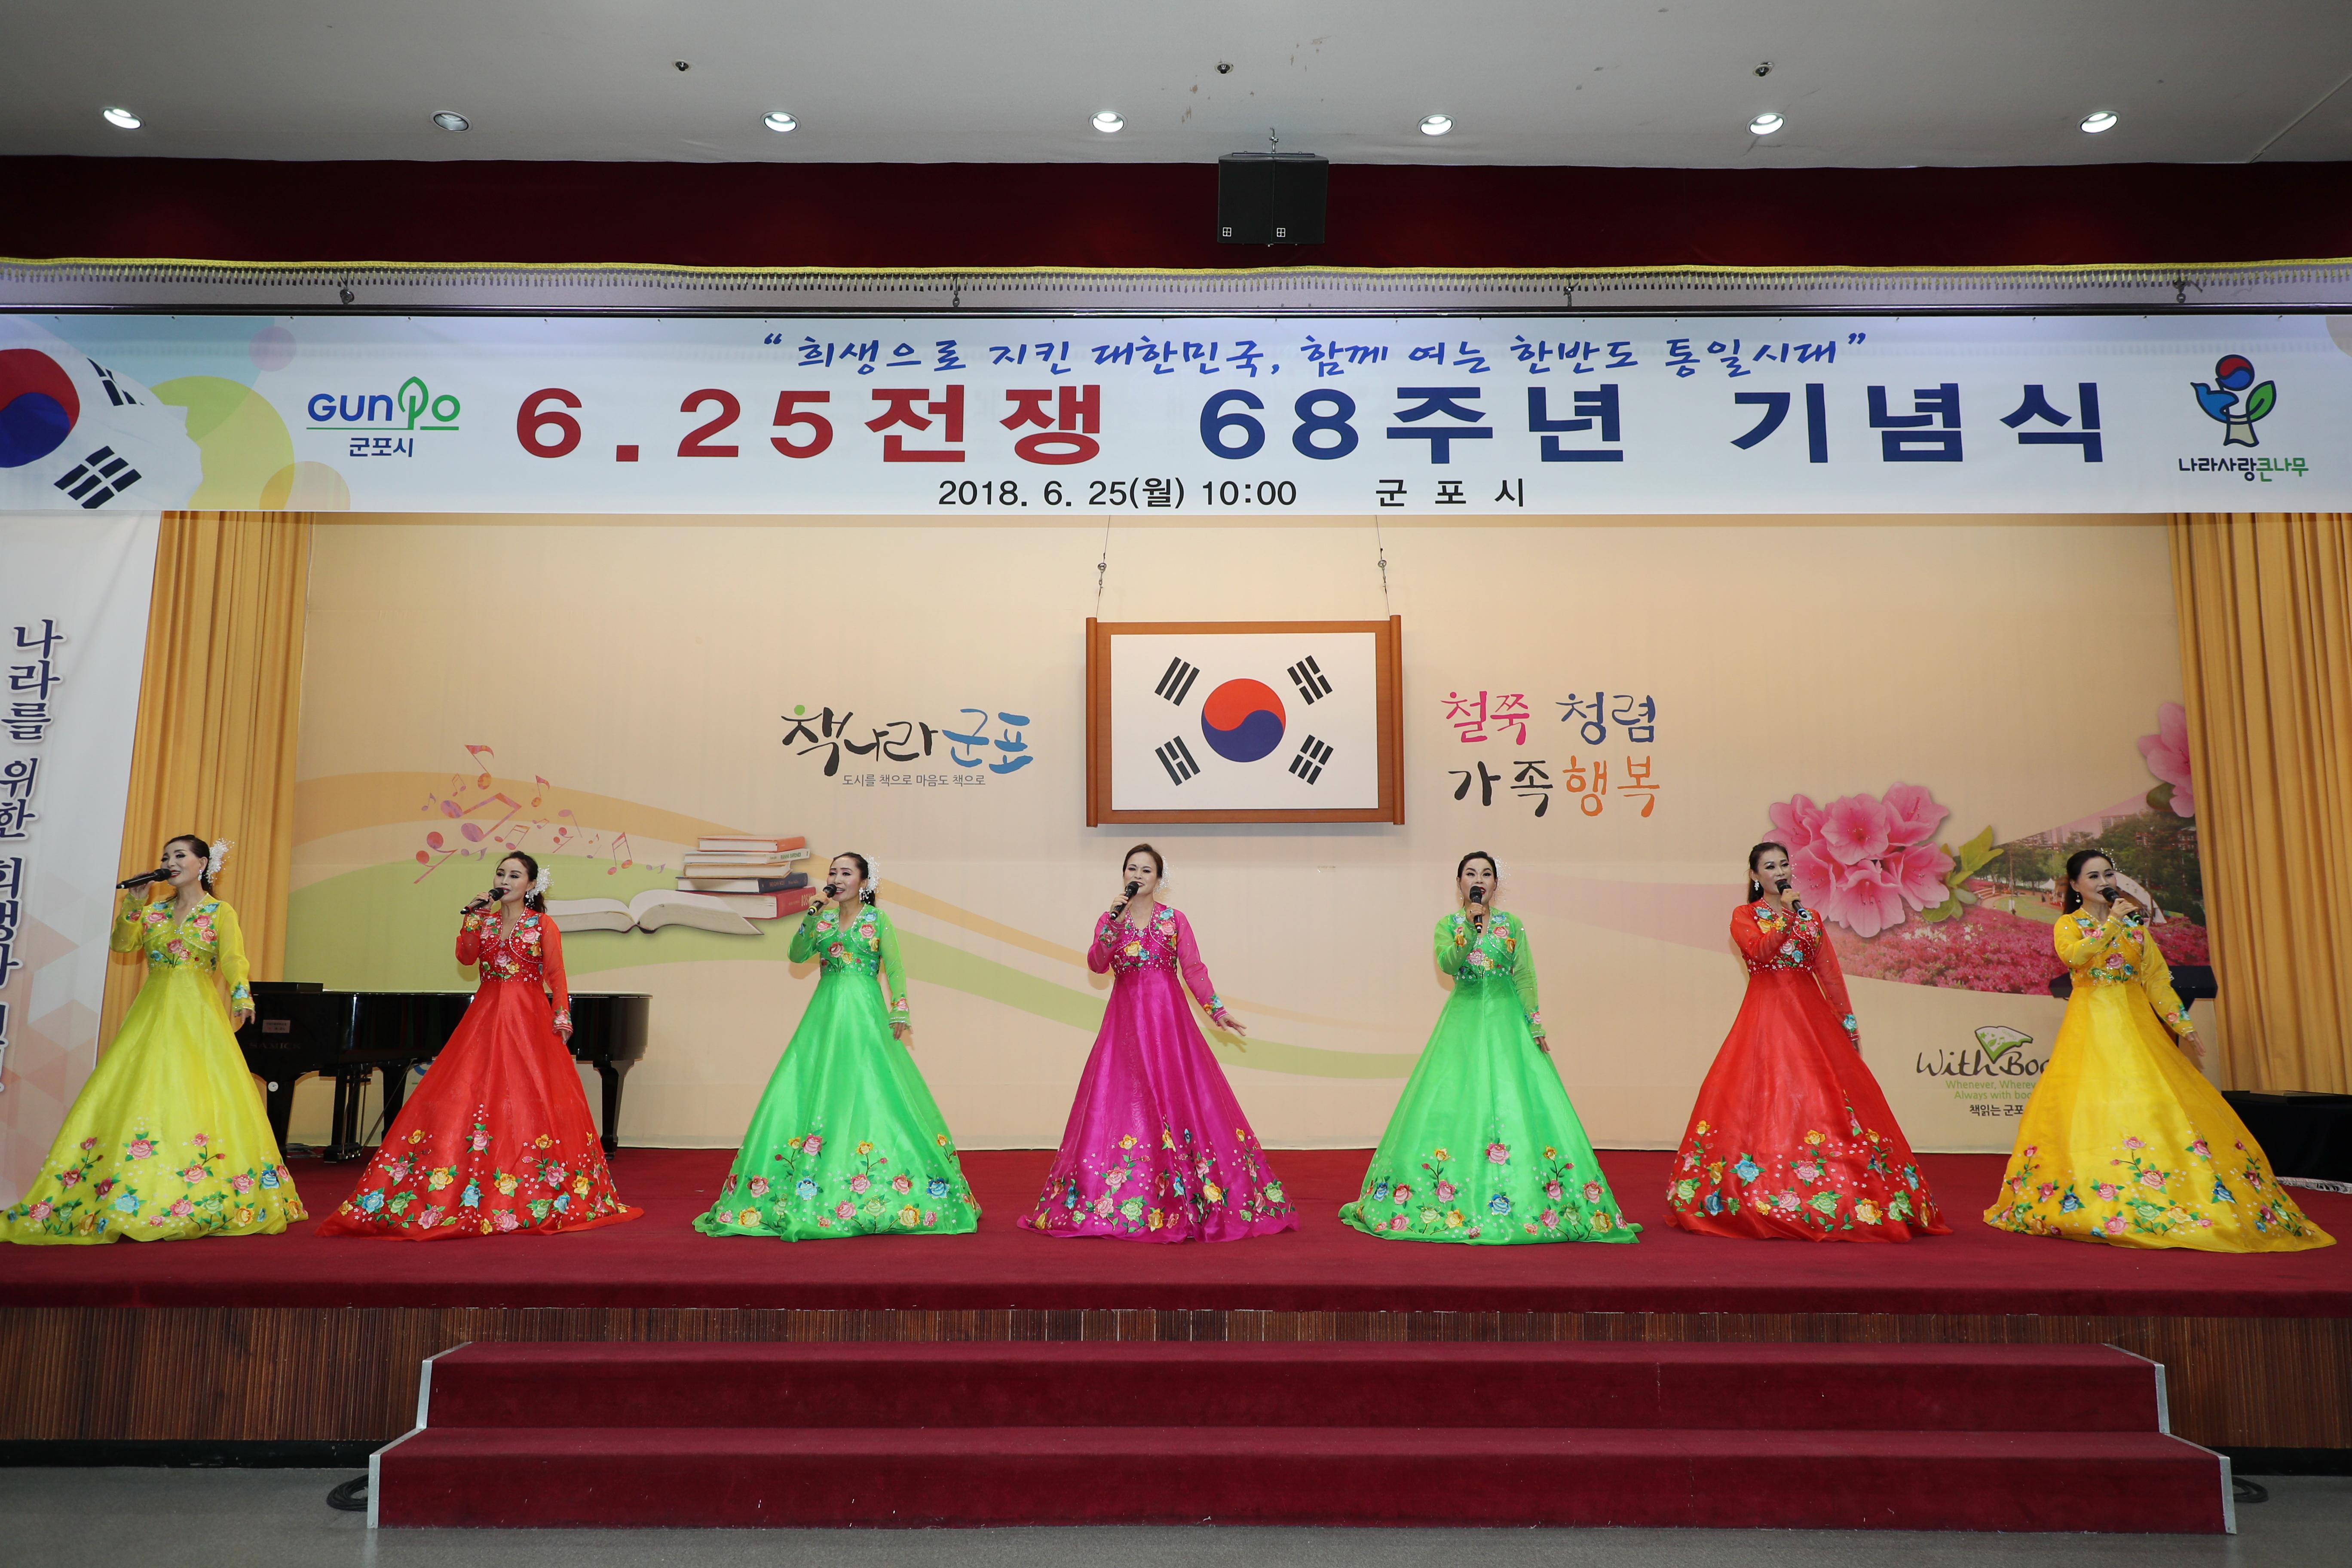 통일 맘 문화봉사단, 경기도 군포 6.25전쟁 68주년 기념식 공연